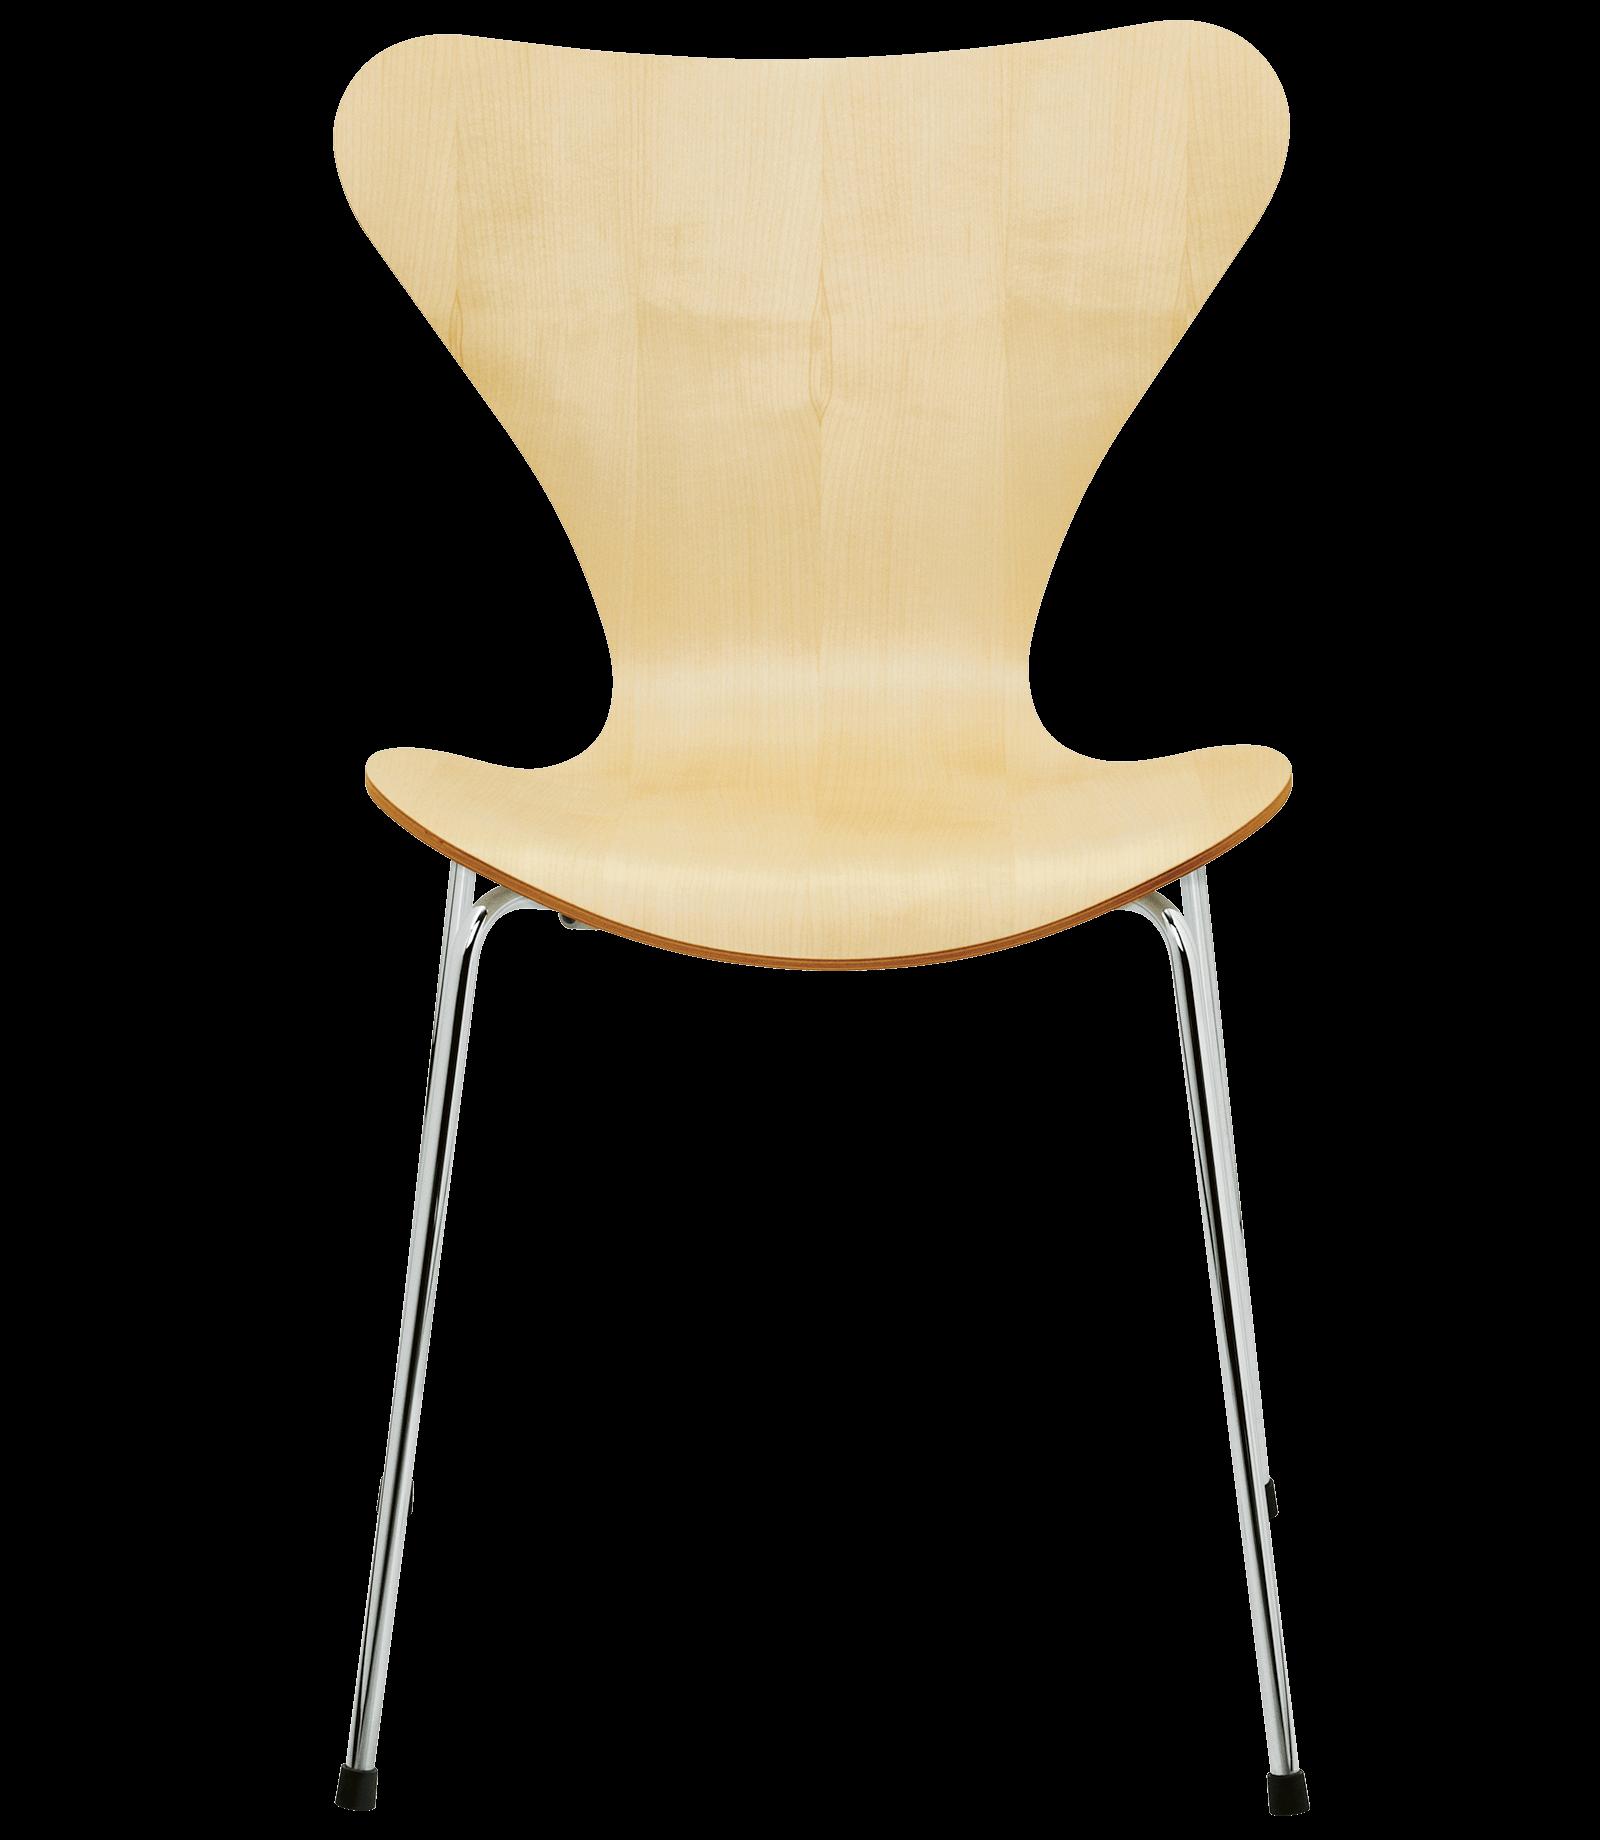 FRITZHANSEN(フリッツハンセン)serie7(セブンチェア)3107, Natural wood(ナチュラルウッド)maple(メープル)